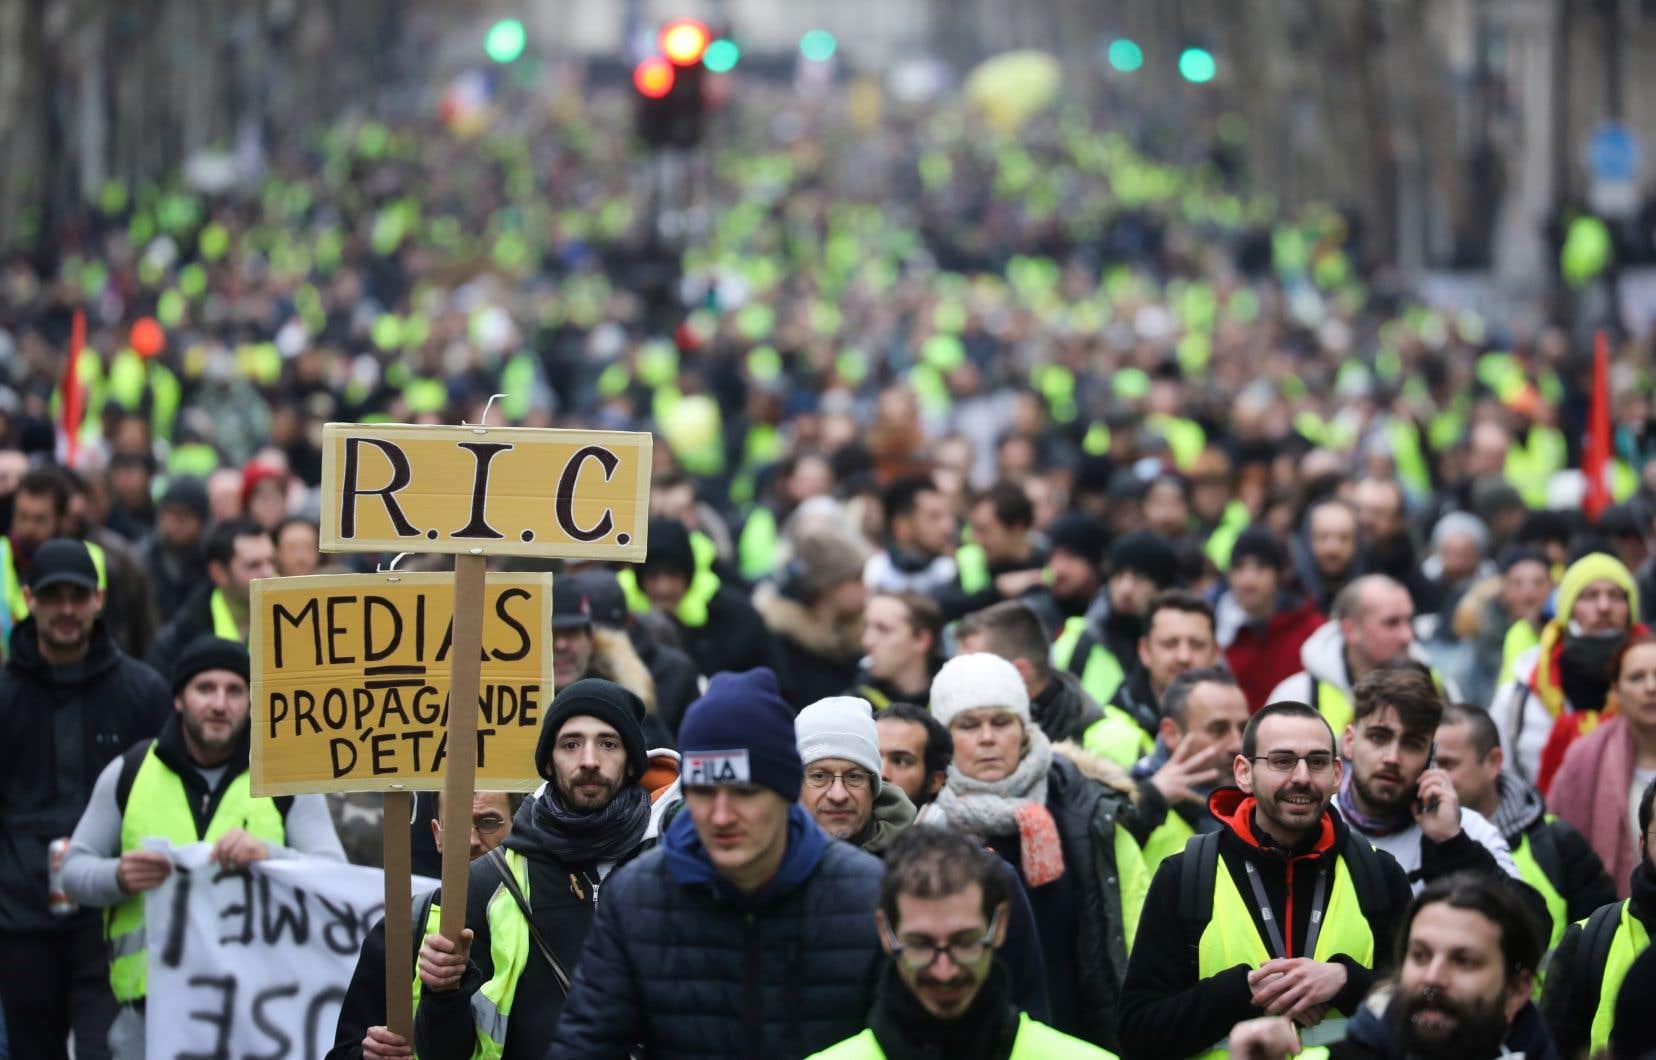 Des manifestants défilent rue Saint-Antoine, près de Saint-Paul, à Paris, le 12 janvier 2019, au cours d'une manifestation antigouvernementale appelée par le mouvement des «gilets jaunes».